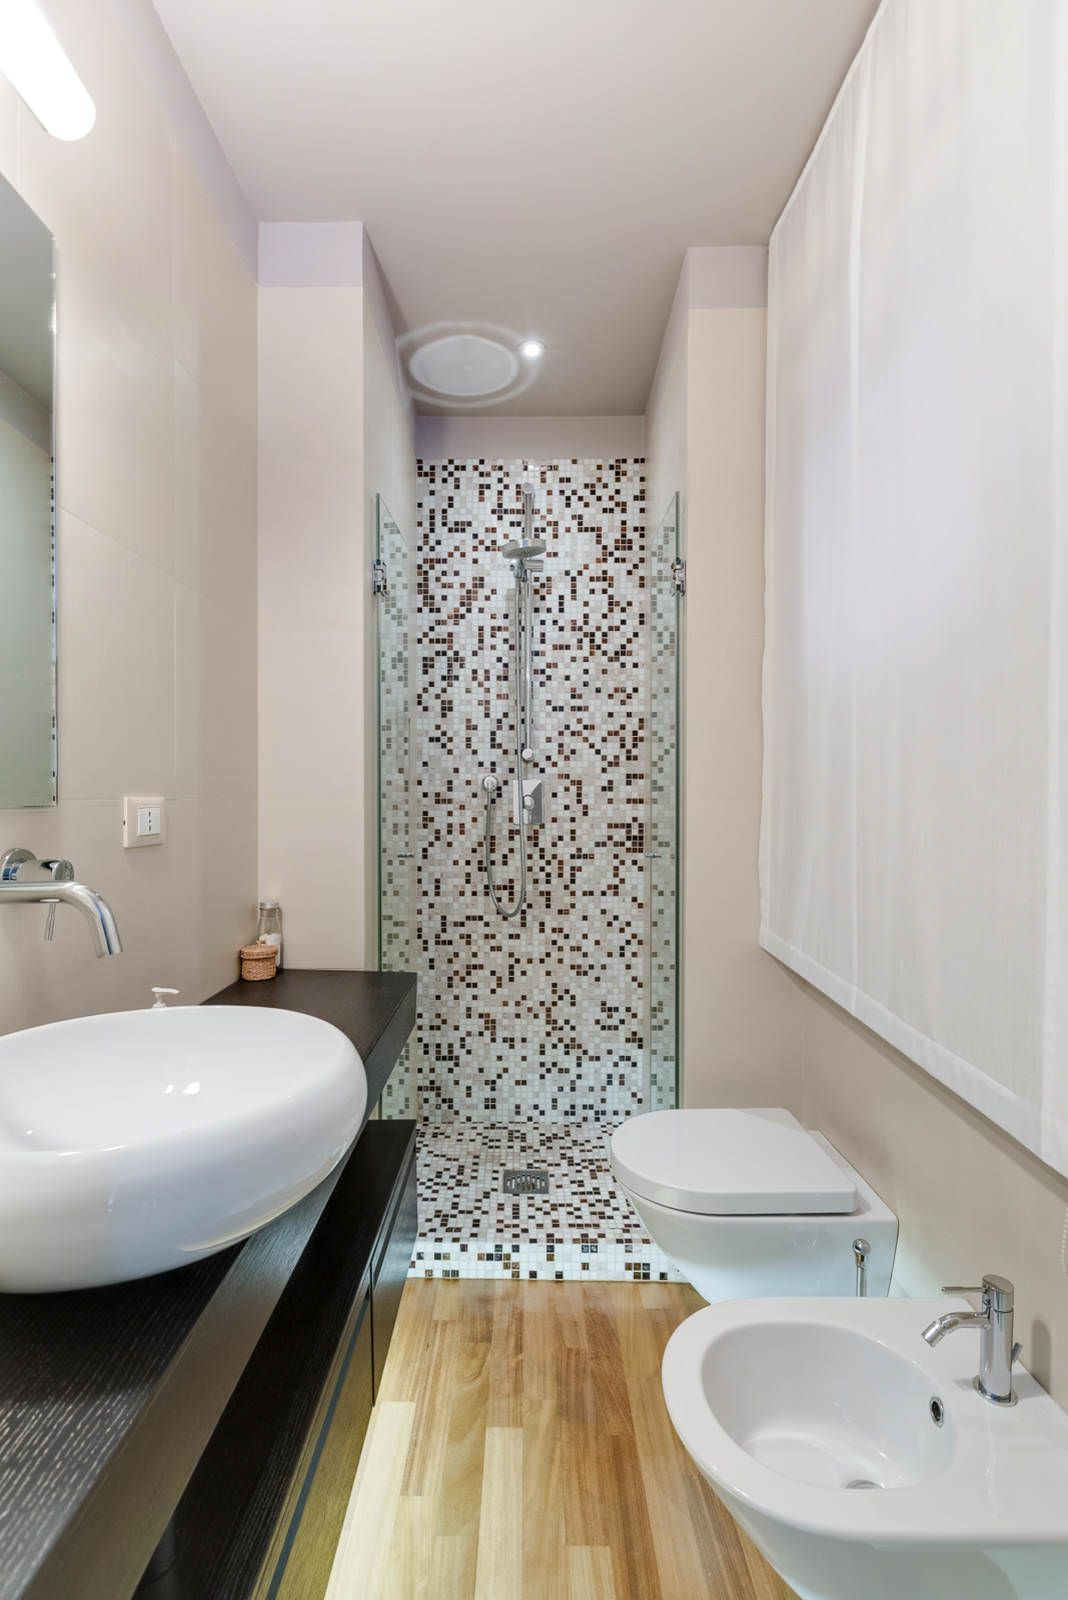 Mosaico bagno 100 idee per rivestire con stile bagni - Arredo bagno mosaico ...